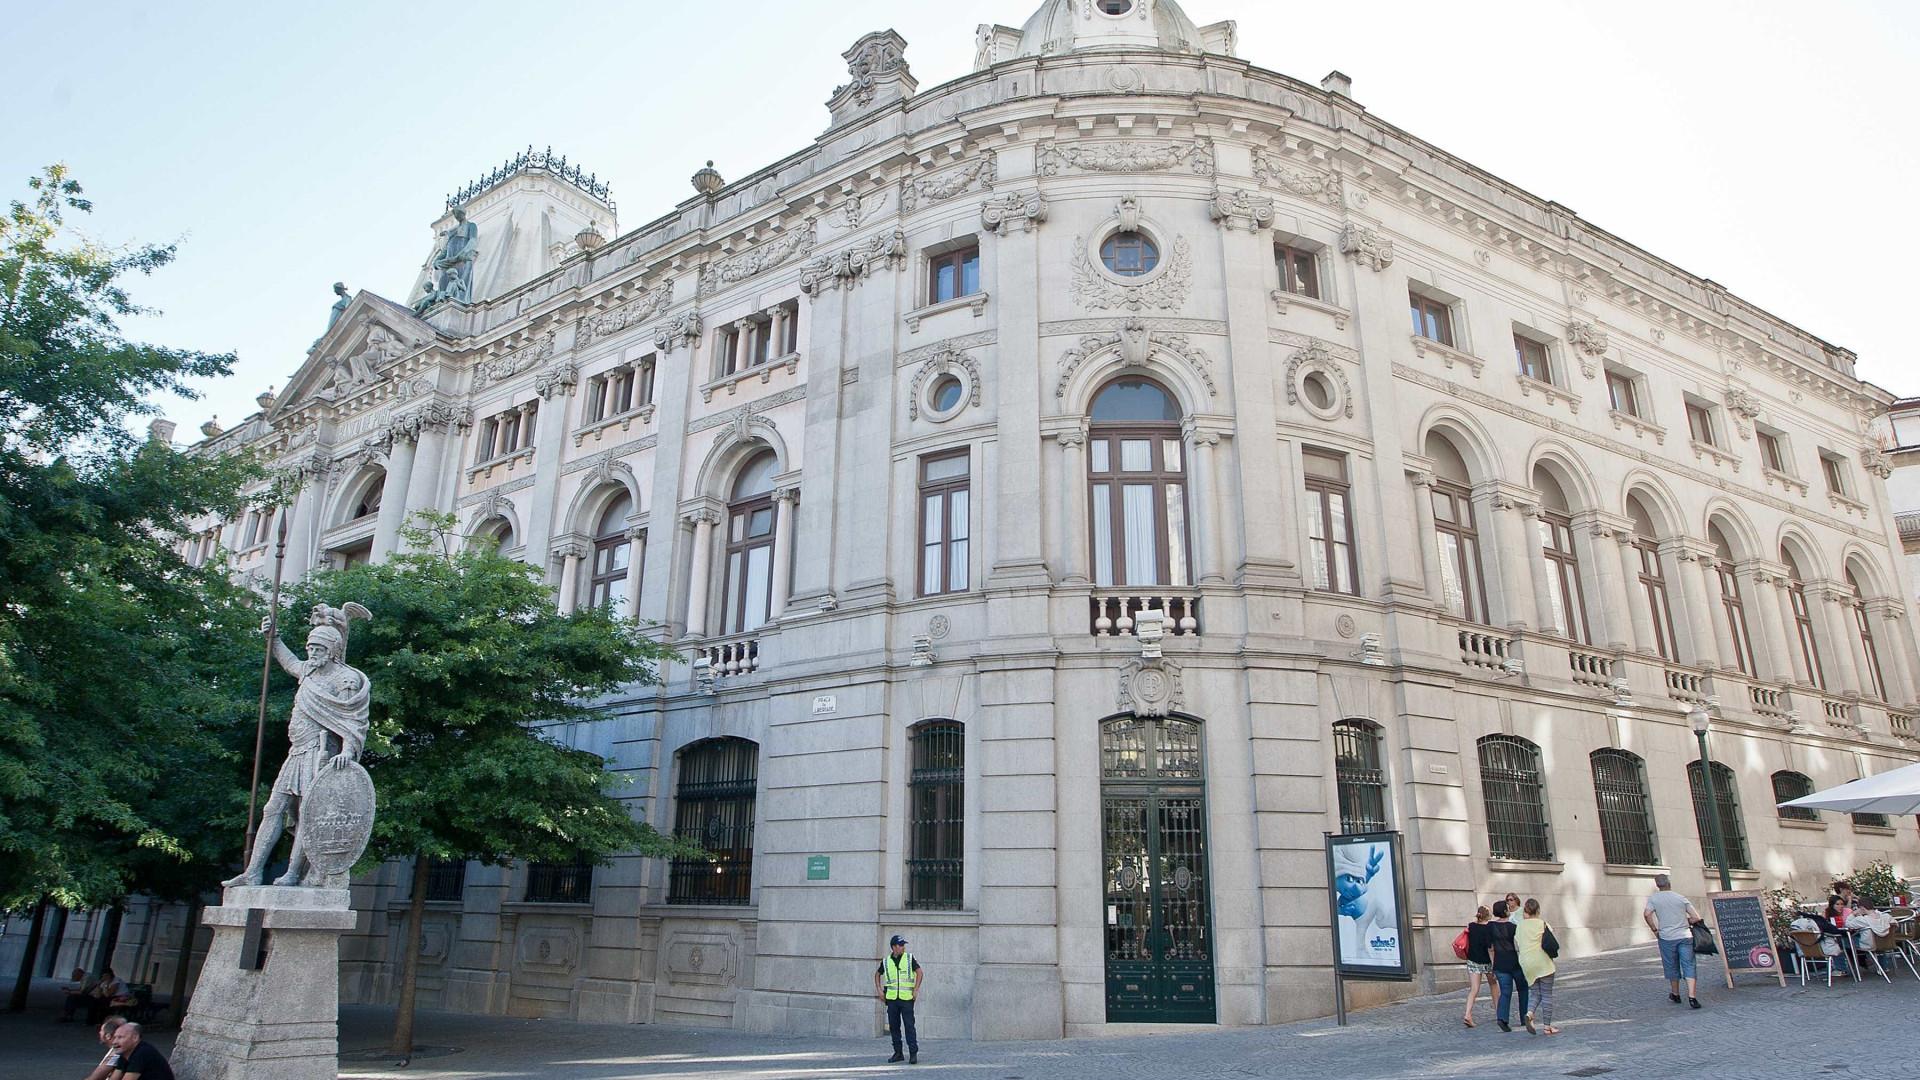 Pessoal Rápido e Swiss Finanças sem habilitação para atividade financeira